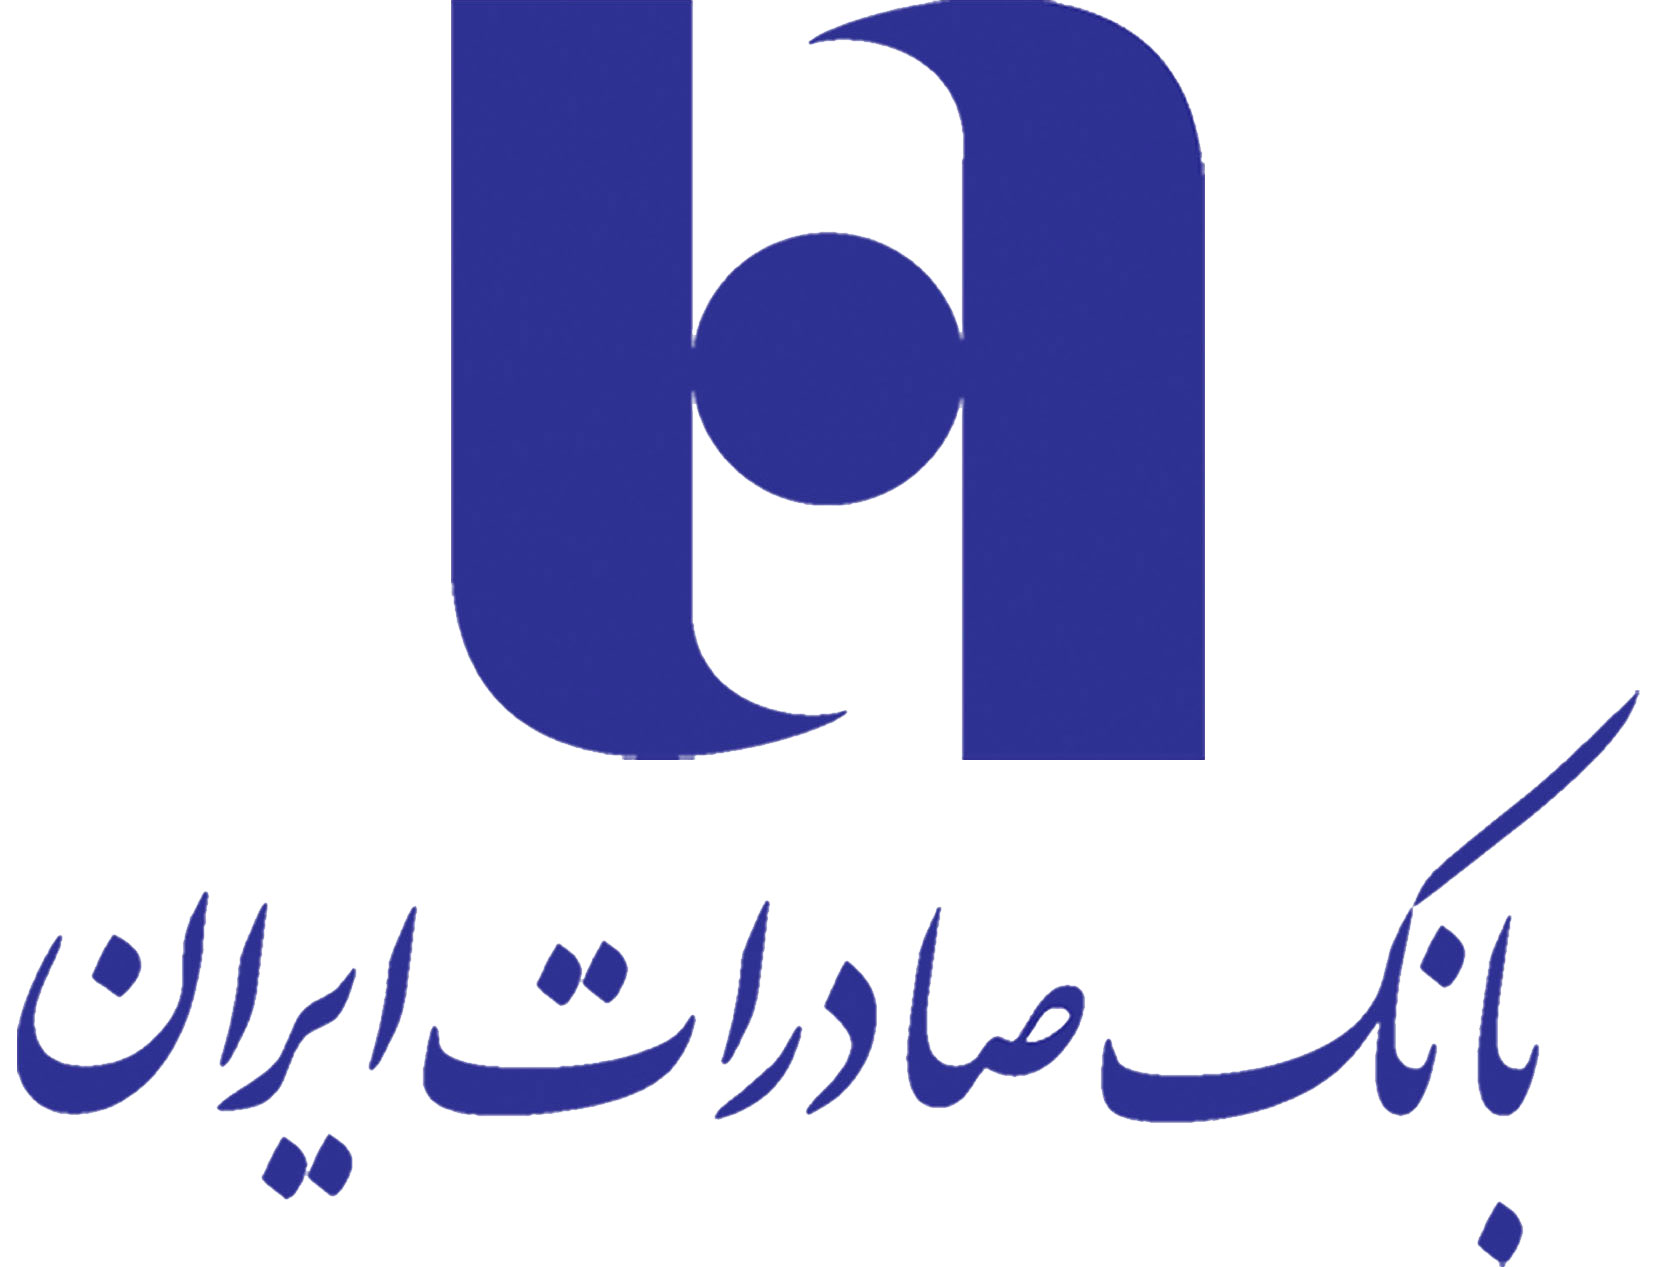 مدیریت استراتژیک بانک صادرات